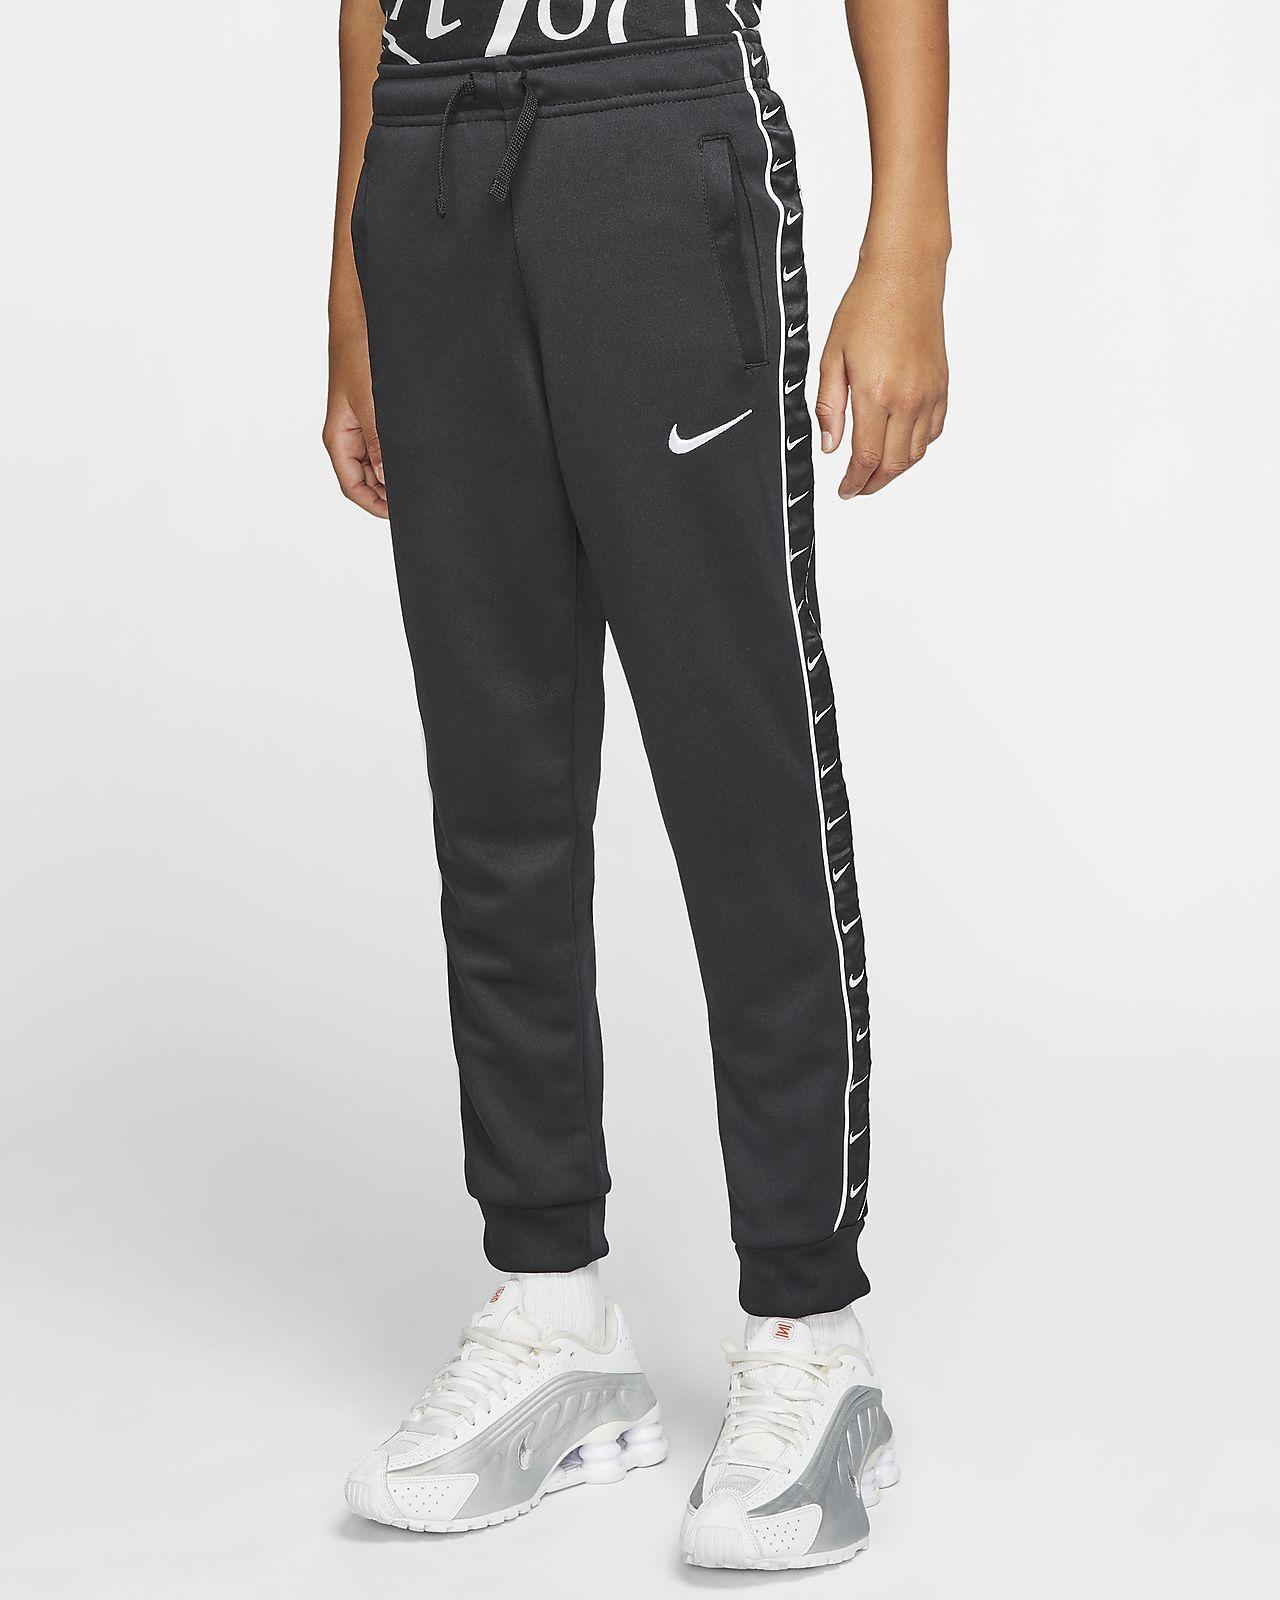 Παντελόνι φόρμας Nike Sportswear Swoosh για μεγάλα παιδιά